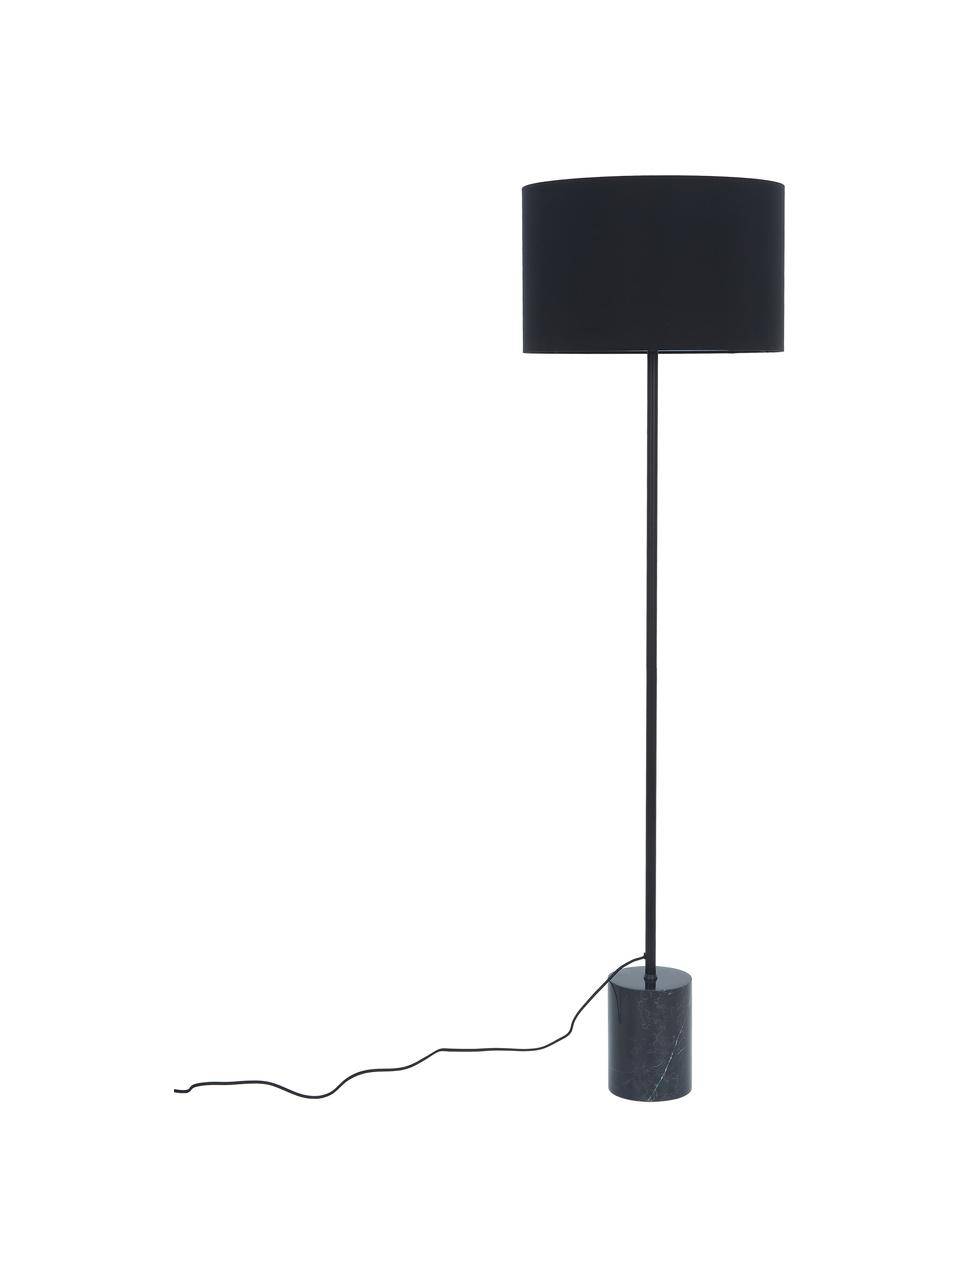 Lampa podłogowa z podstawą z marmuru Cody, Stelaż: metal malowany proszkowo, Czarny marmur, Ø 45 x W 159 cm